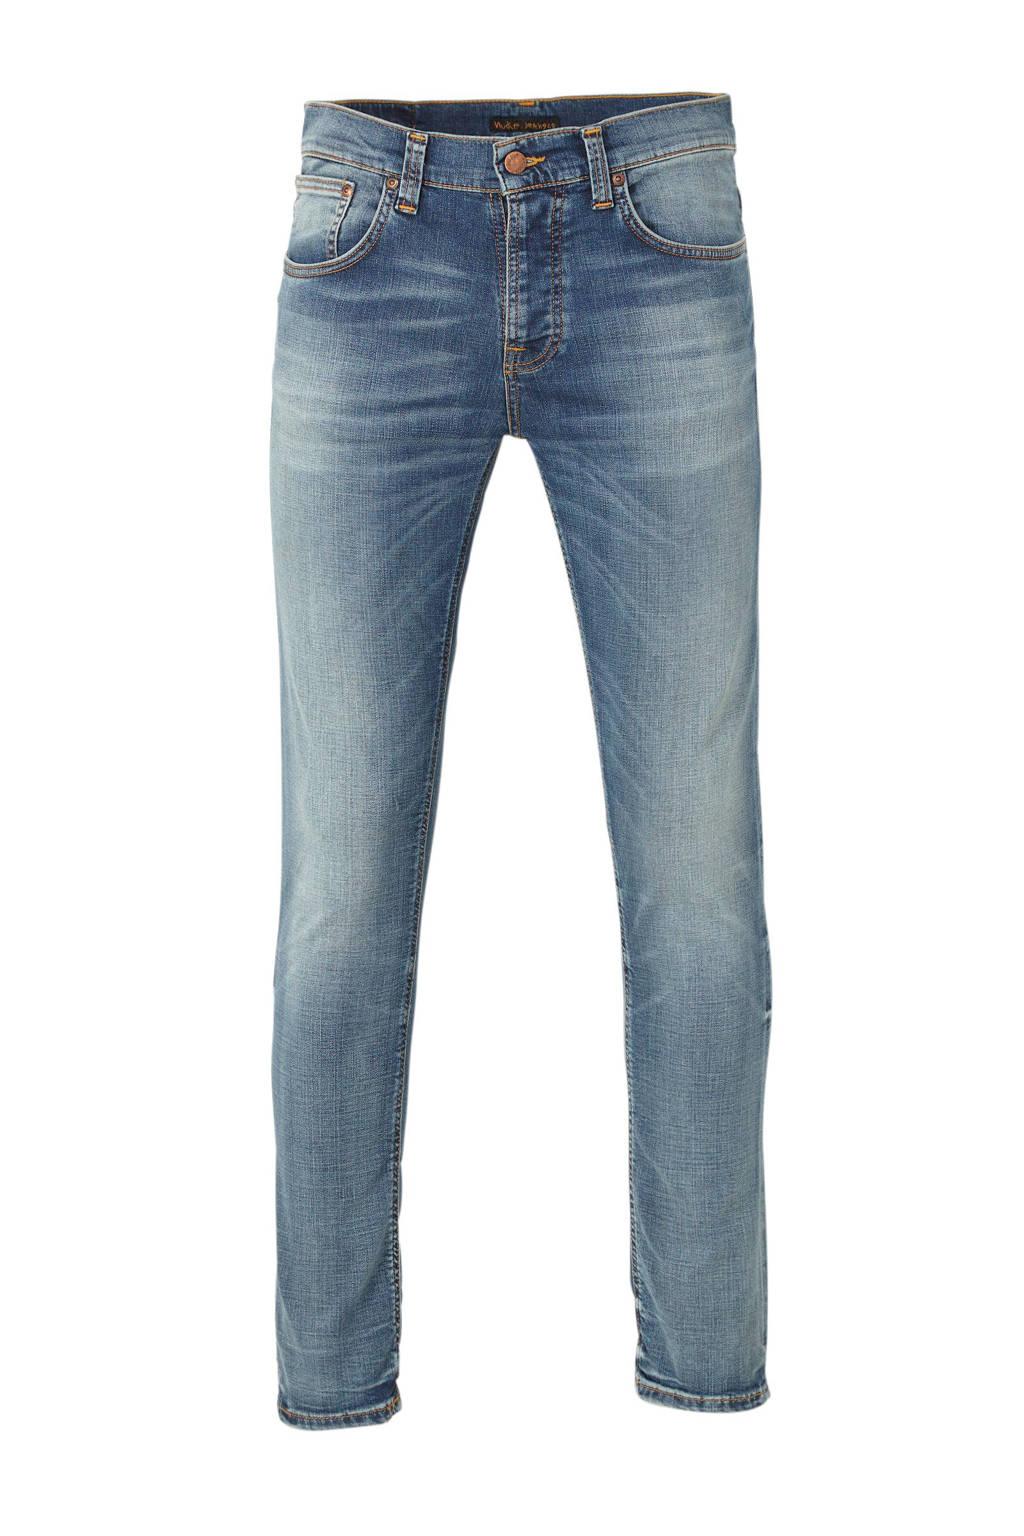 Nudie Jeans slim fit jeans Grim Tim, Worn In Broken